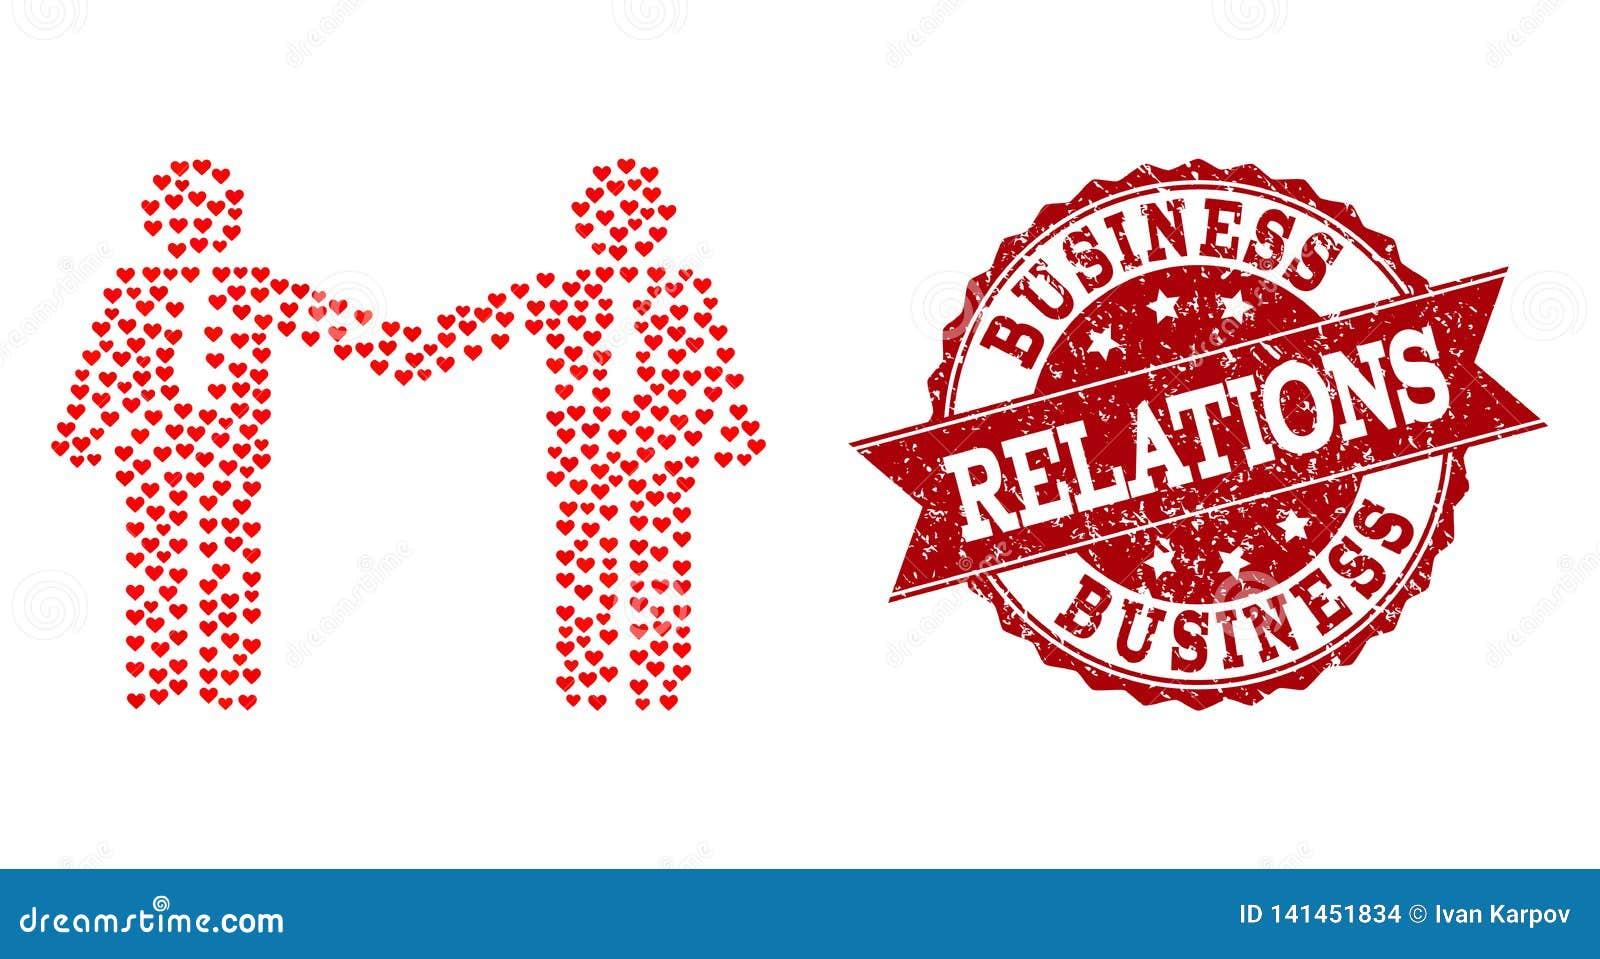 Colagem do coração do amor do ícone das relações dos homens de negócios e da filigrana de borracha